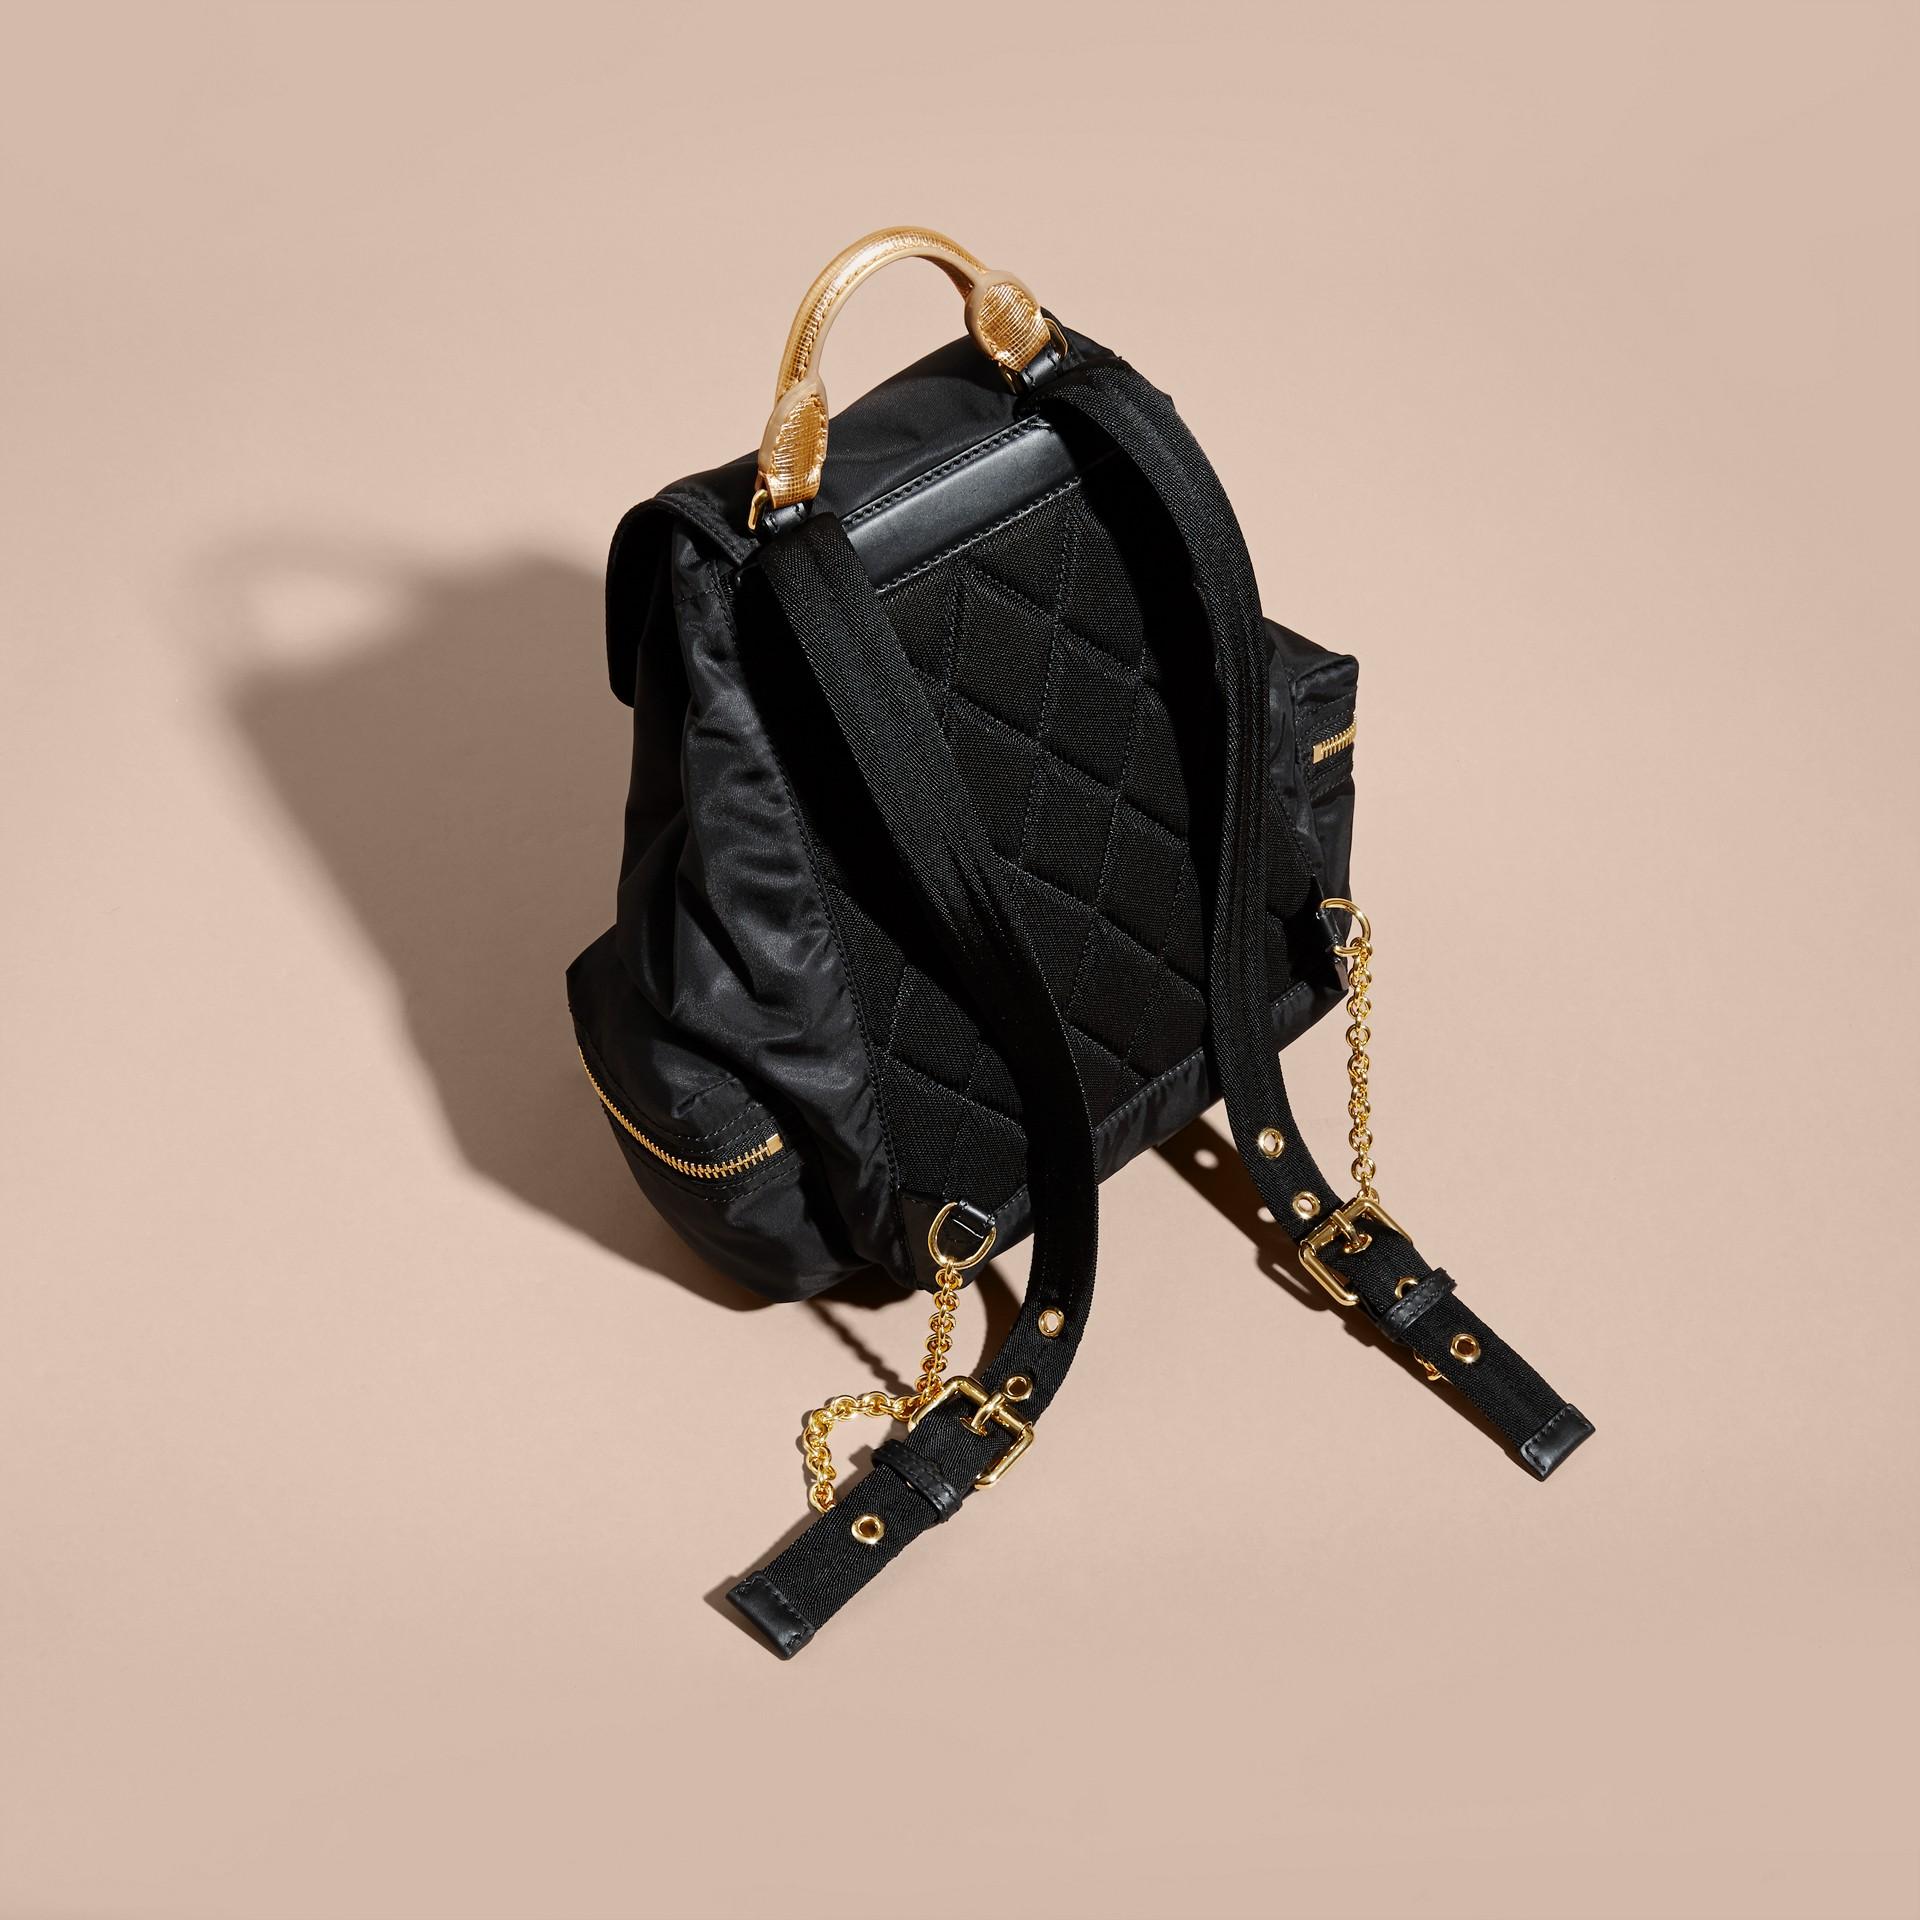 Nero/oro Zaino The Rucksack medio in nylon bicolore e pelle Nero/oro - immagine della galleria 3